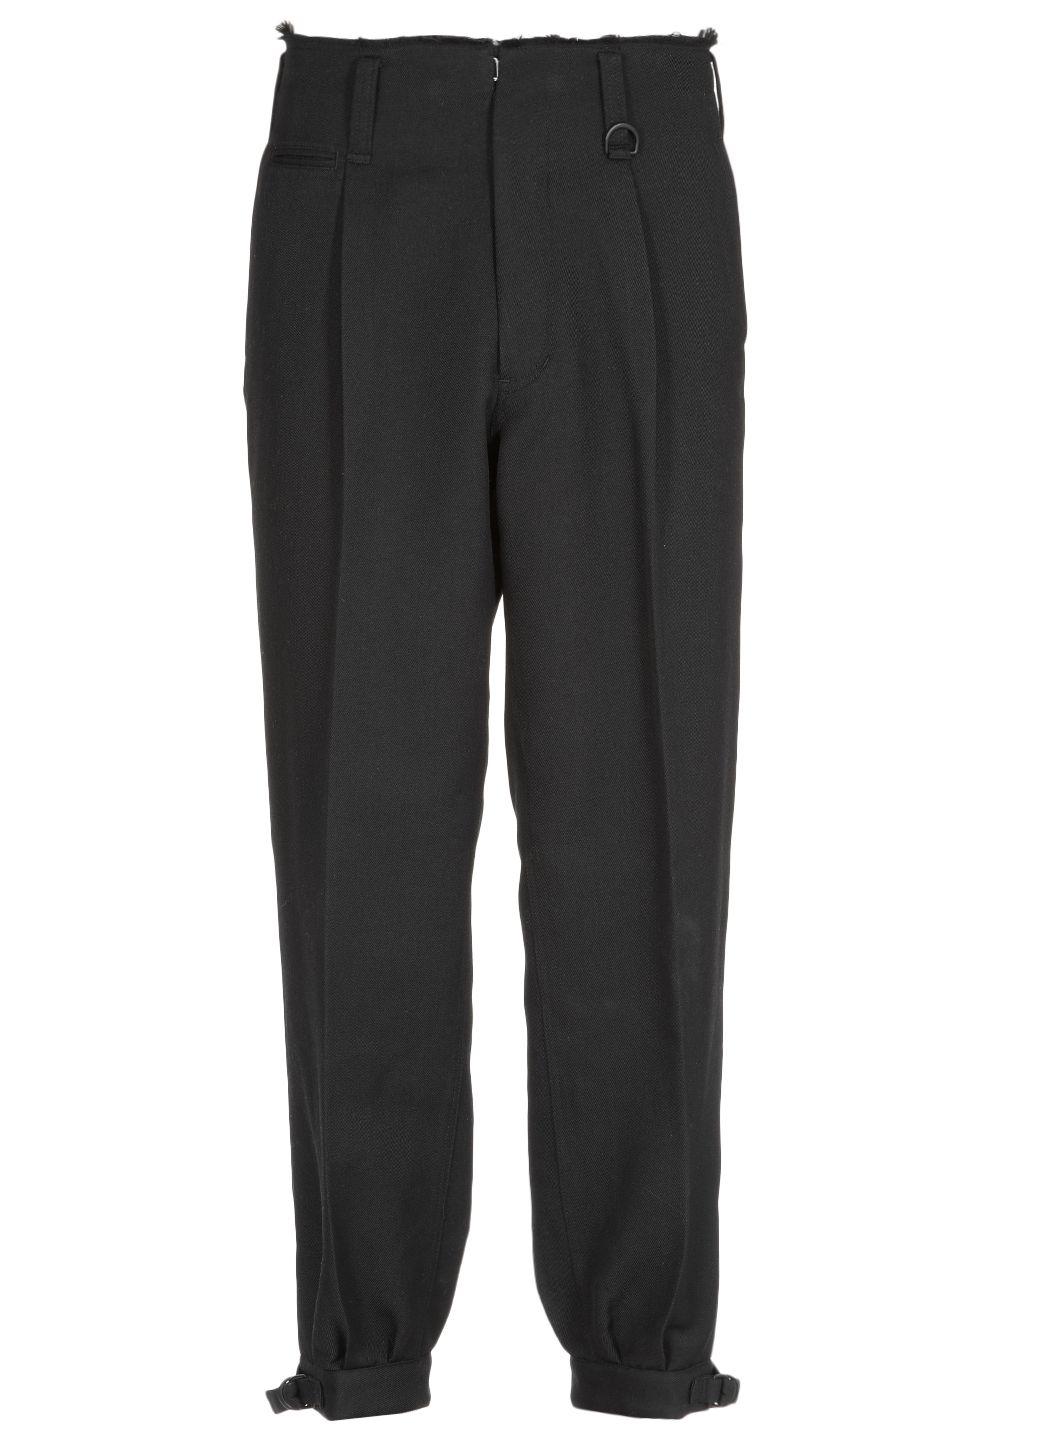 Wool nikka pants